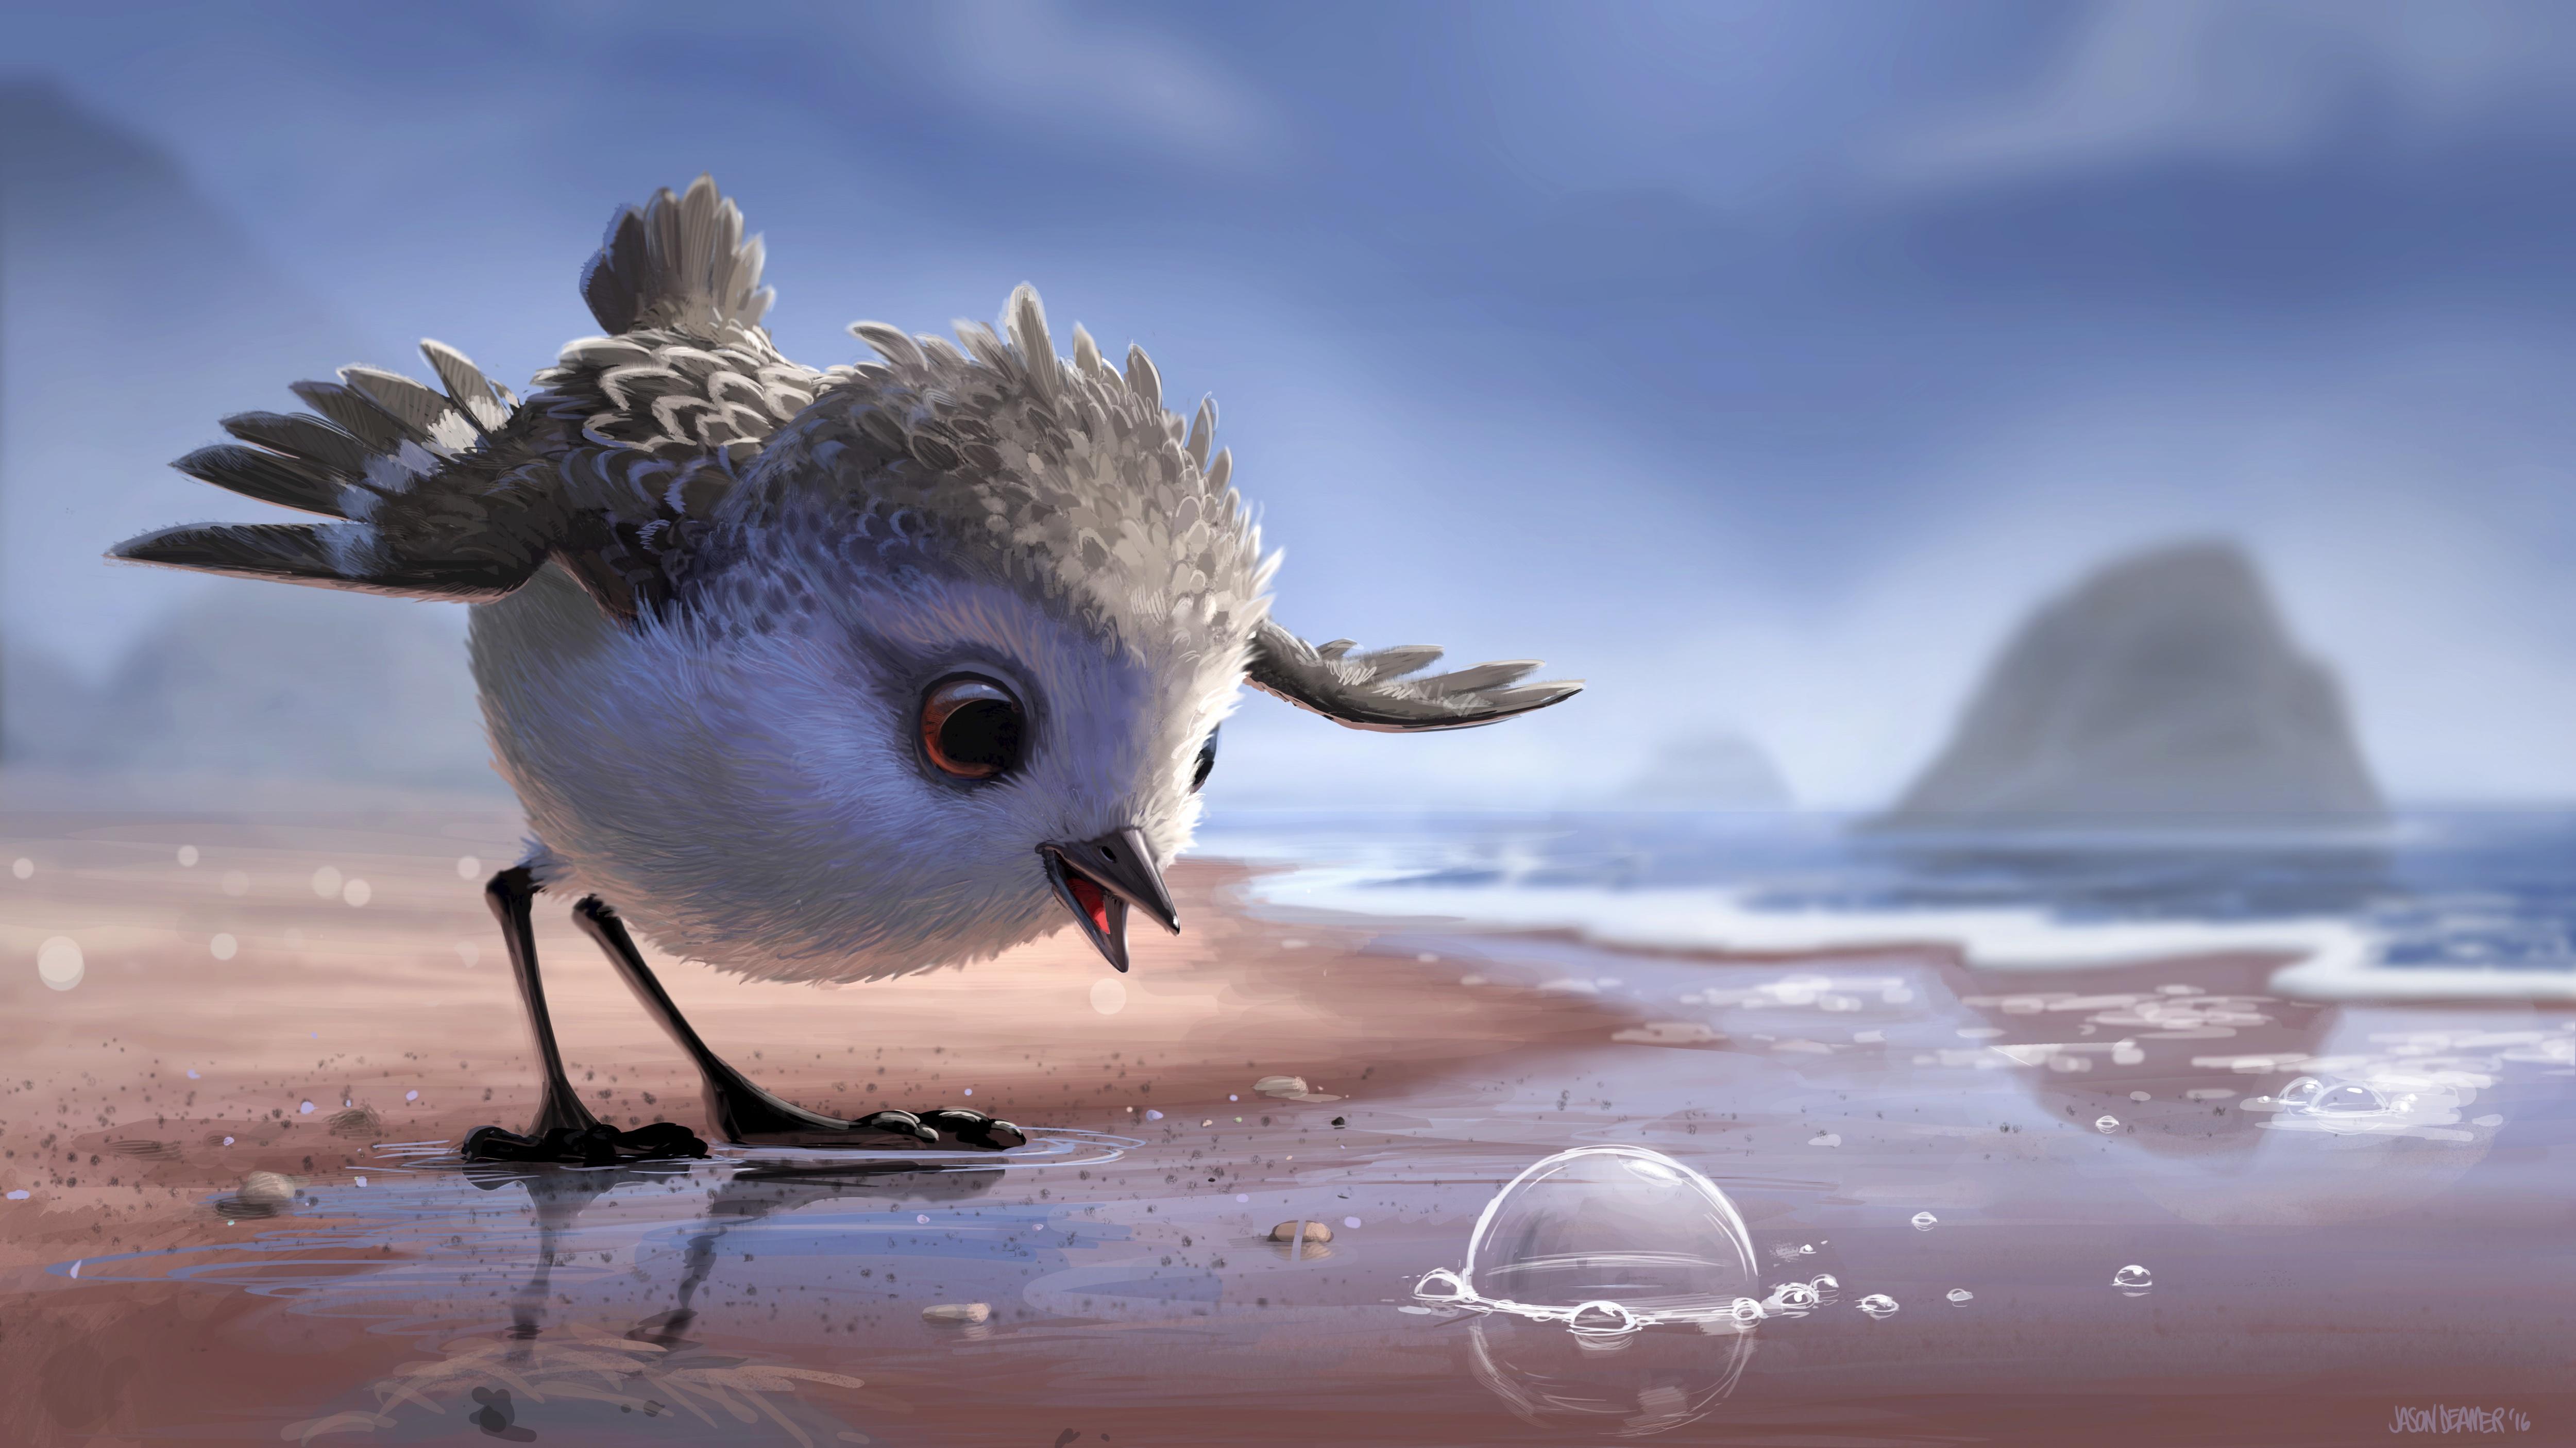 Piper-Concept-Artwork-Jason-Deamer_Pixar-Post-re.jpg